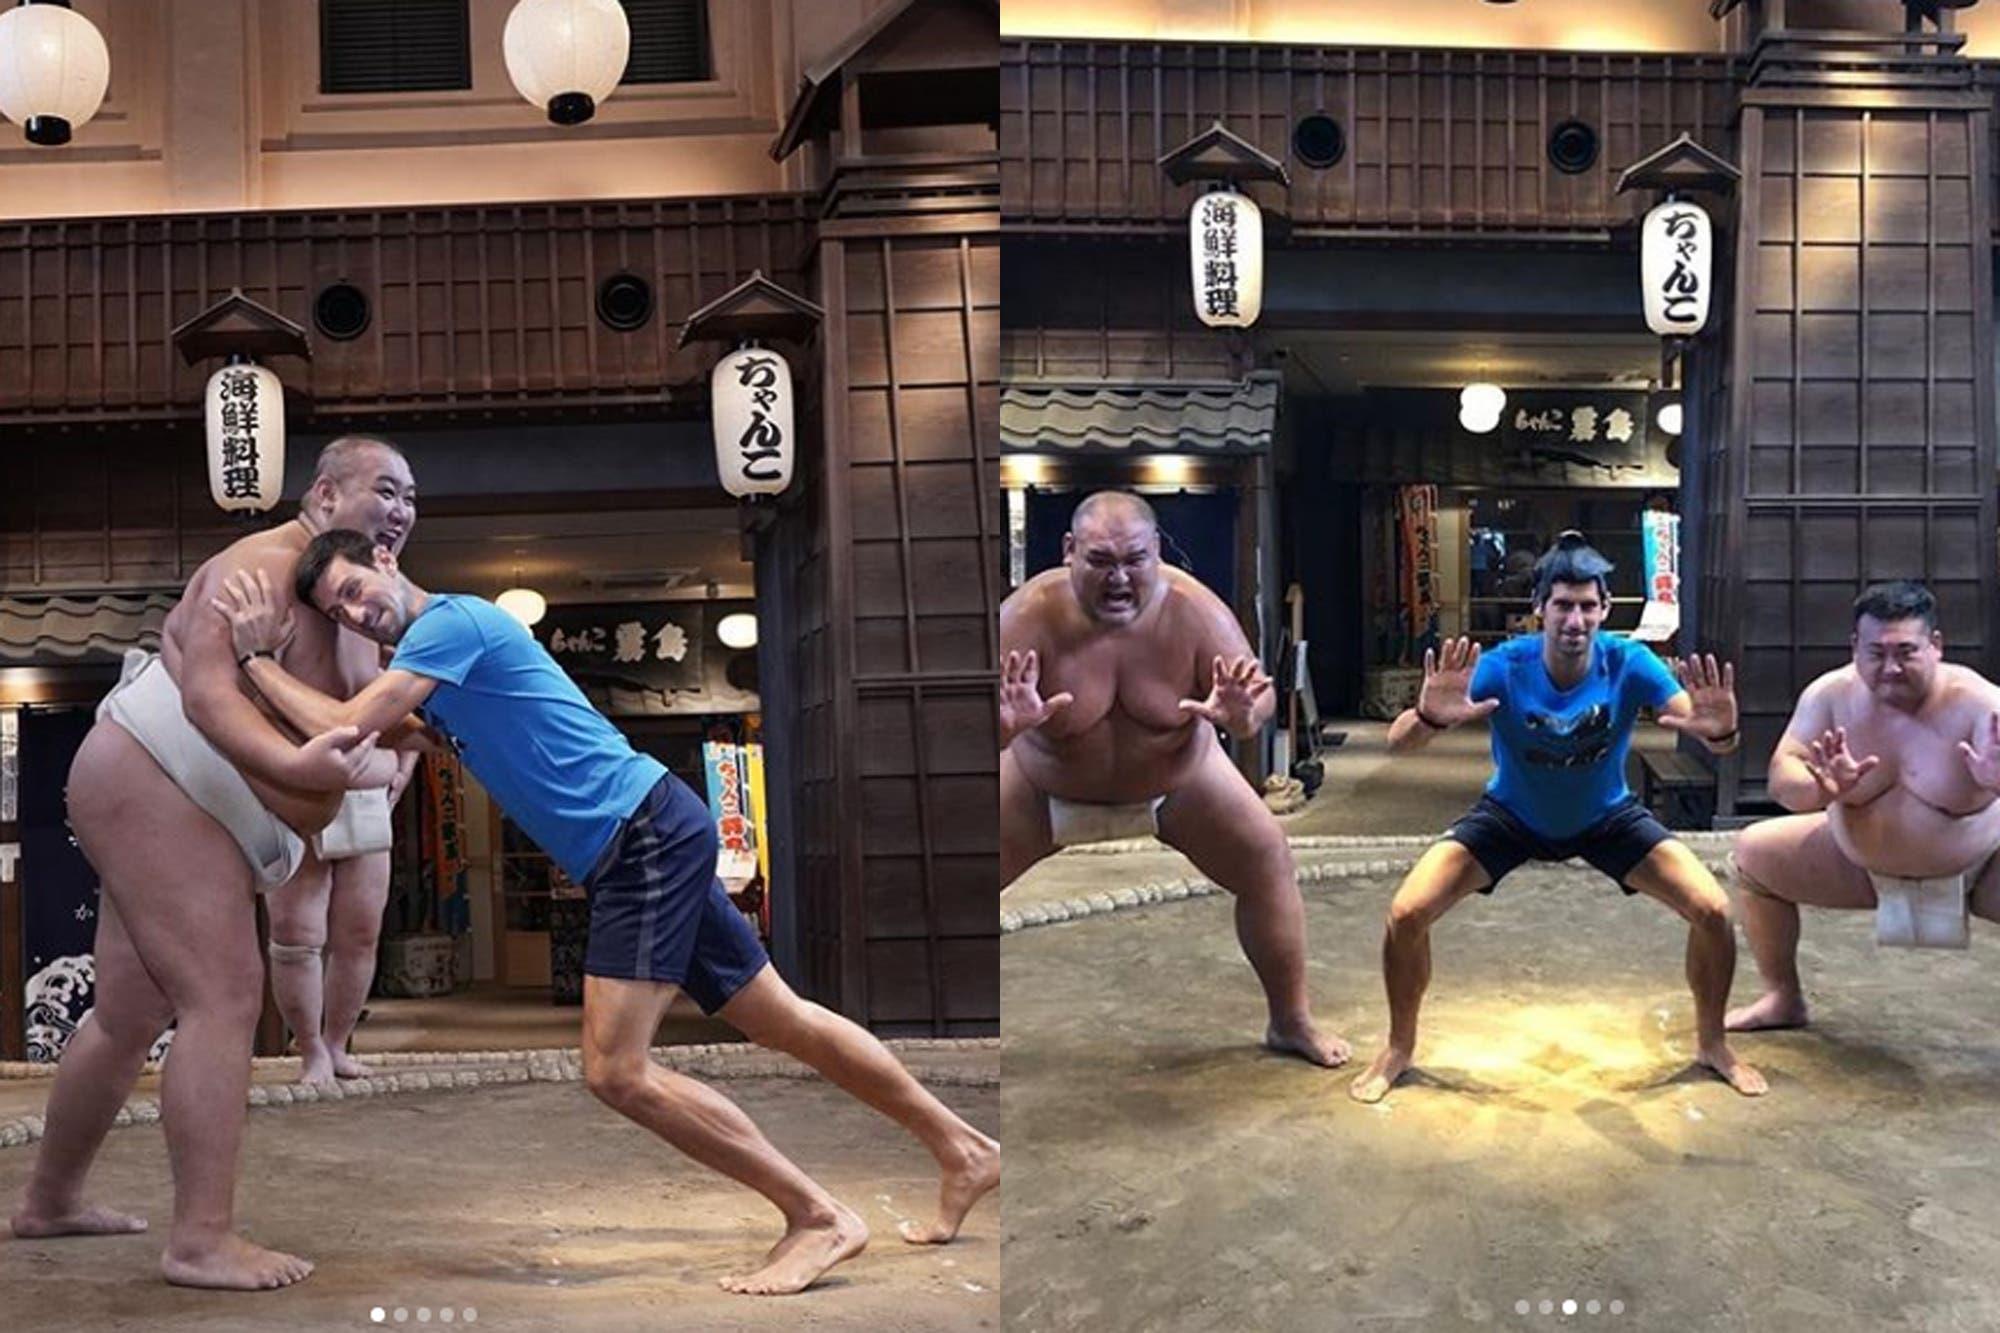 Por qué Djokovic practicó sumo en Japón, donde buscará afirmarse como el Nº 1 del ranking ATP